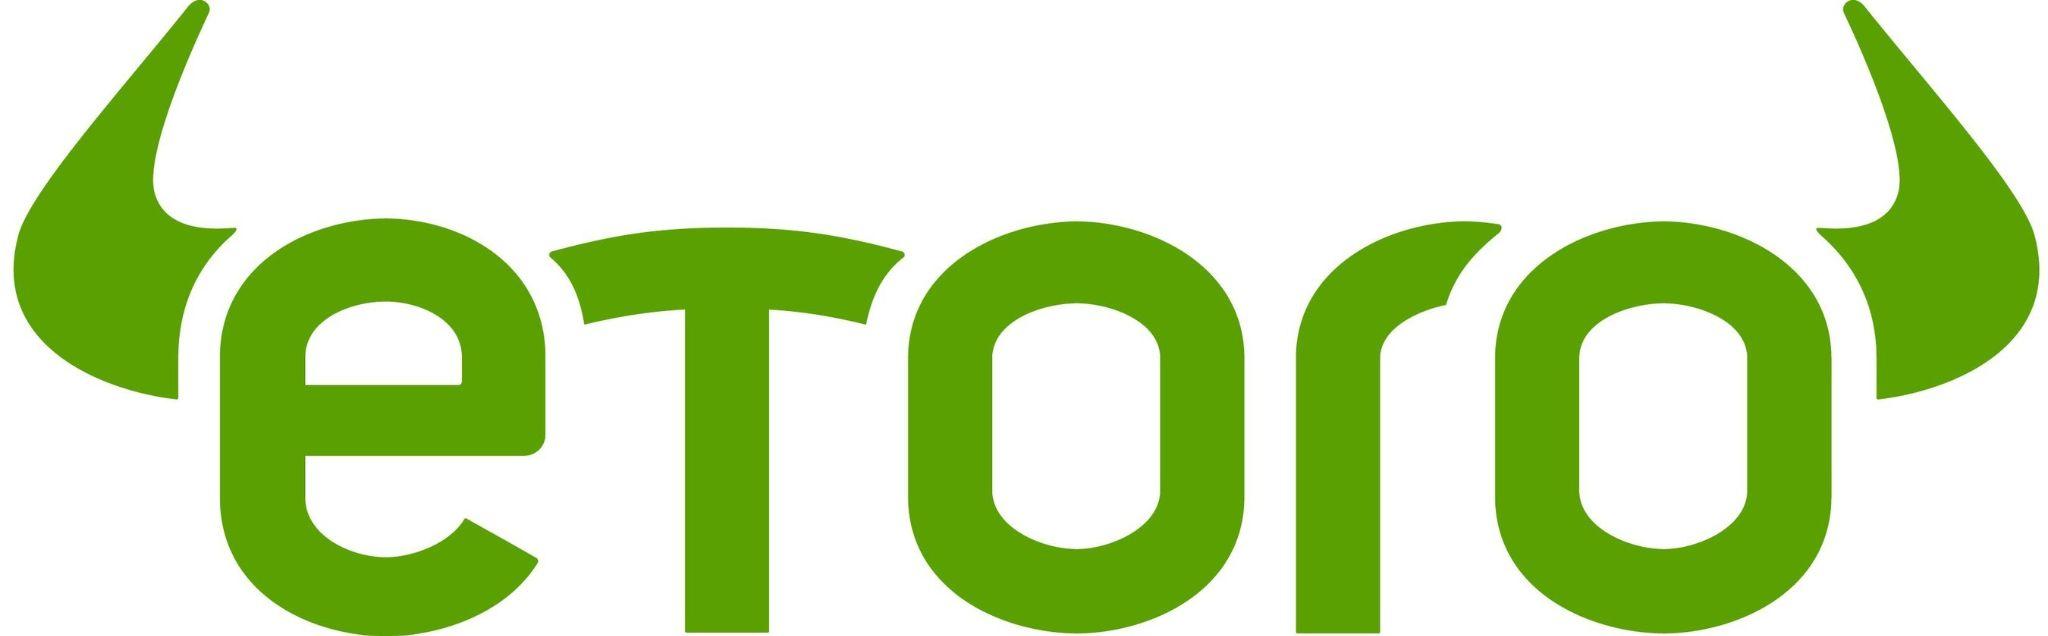 eToro- brokerage